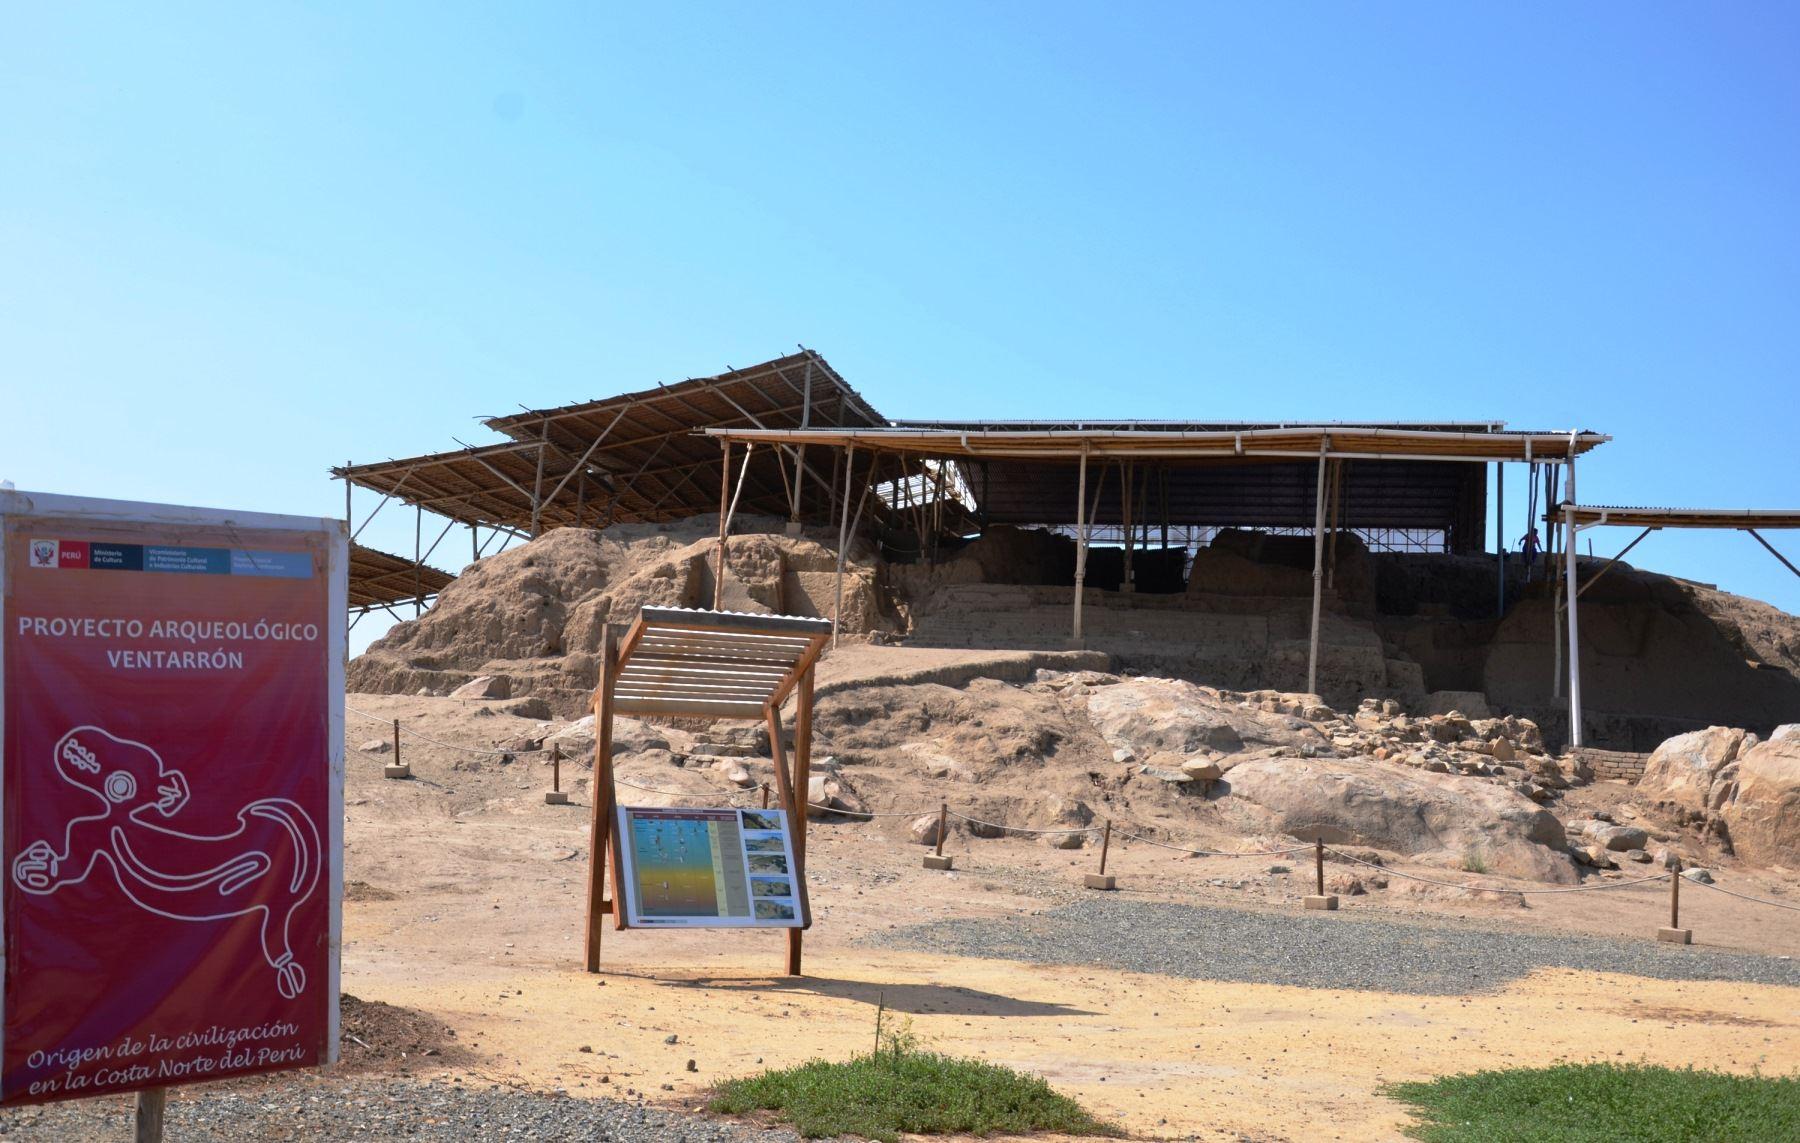 Ventarrón: el sitio que representa el punto de partida de la civilización del antiguo Perú. Foto: Proyecto Arqueológico Cerro Ventarrón